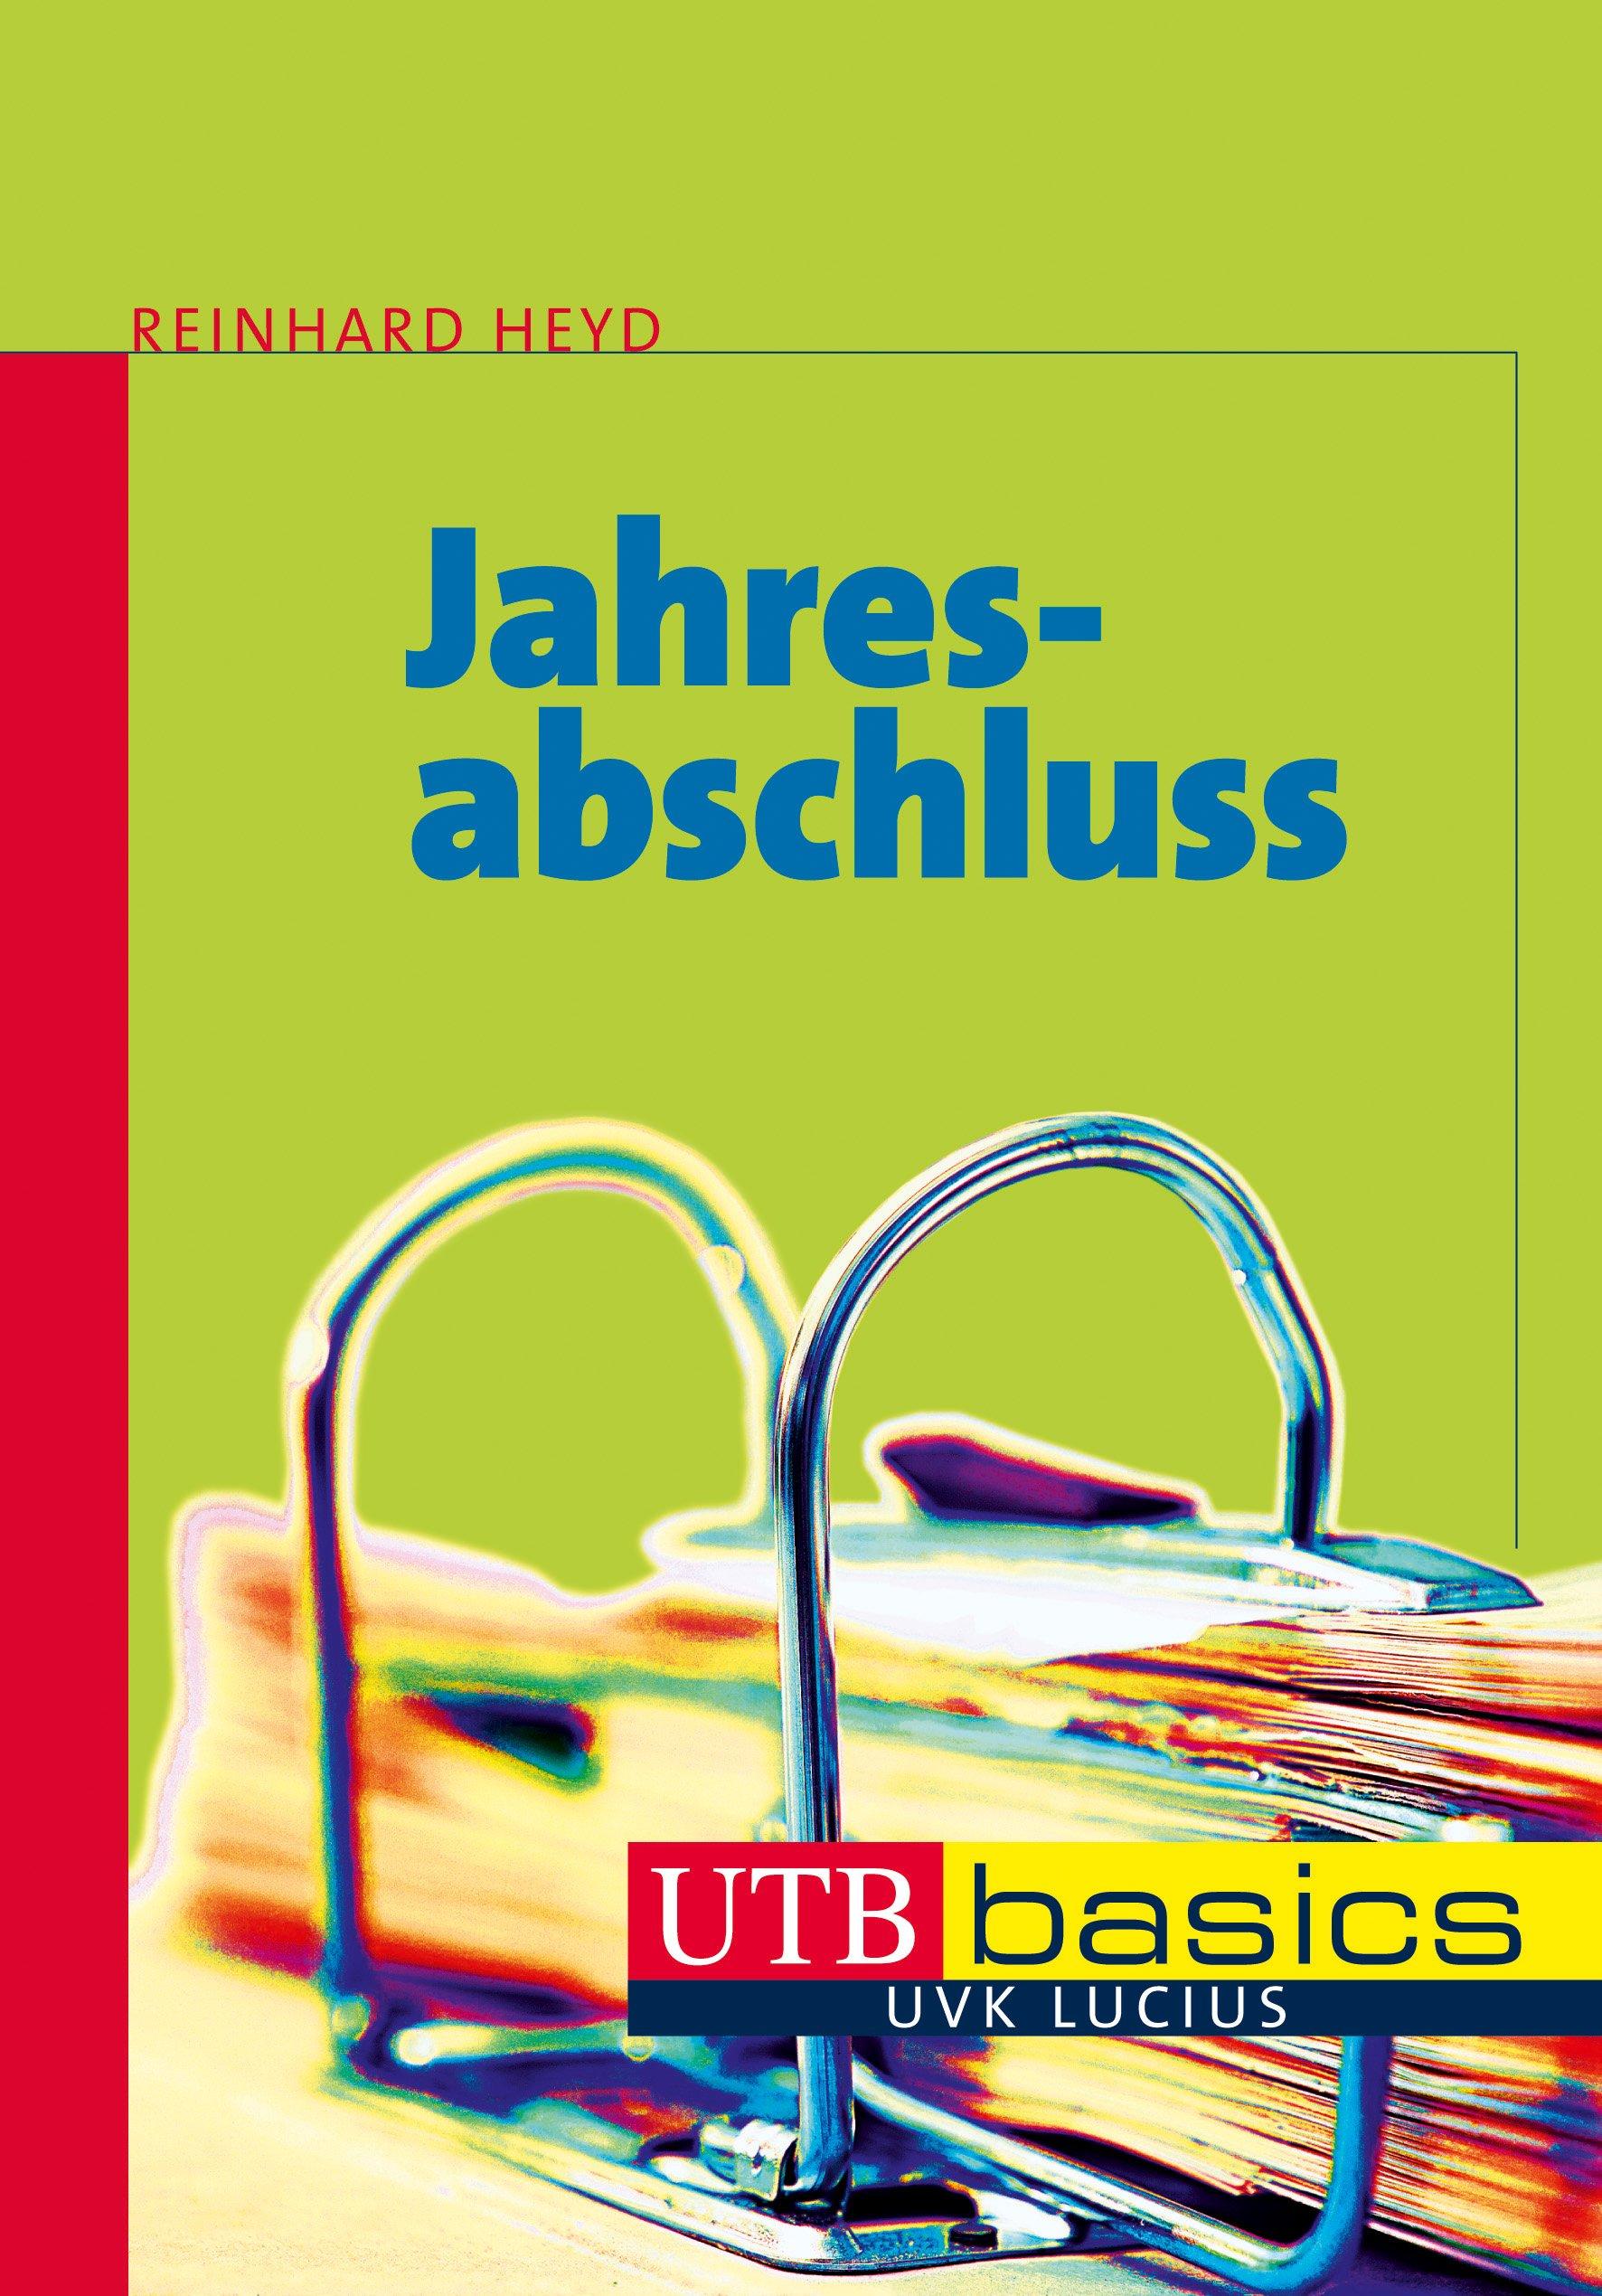 Jahresabschluss (utb basics) Taschenbuch – 14. Mai 2014 Reinhard Heyd UTB GmbH 382523889X Betriebswirtschaft